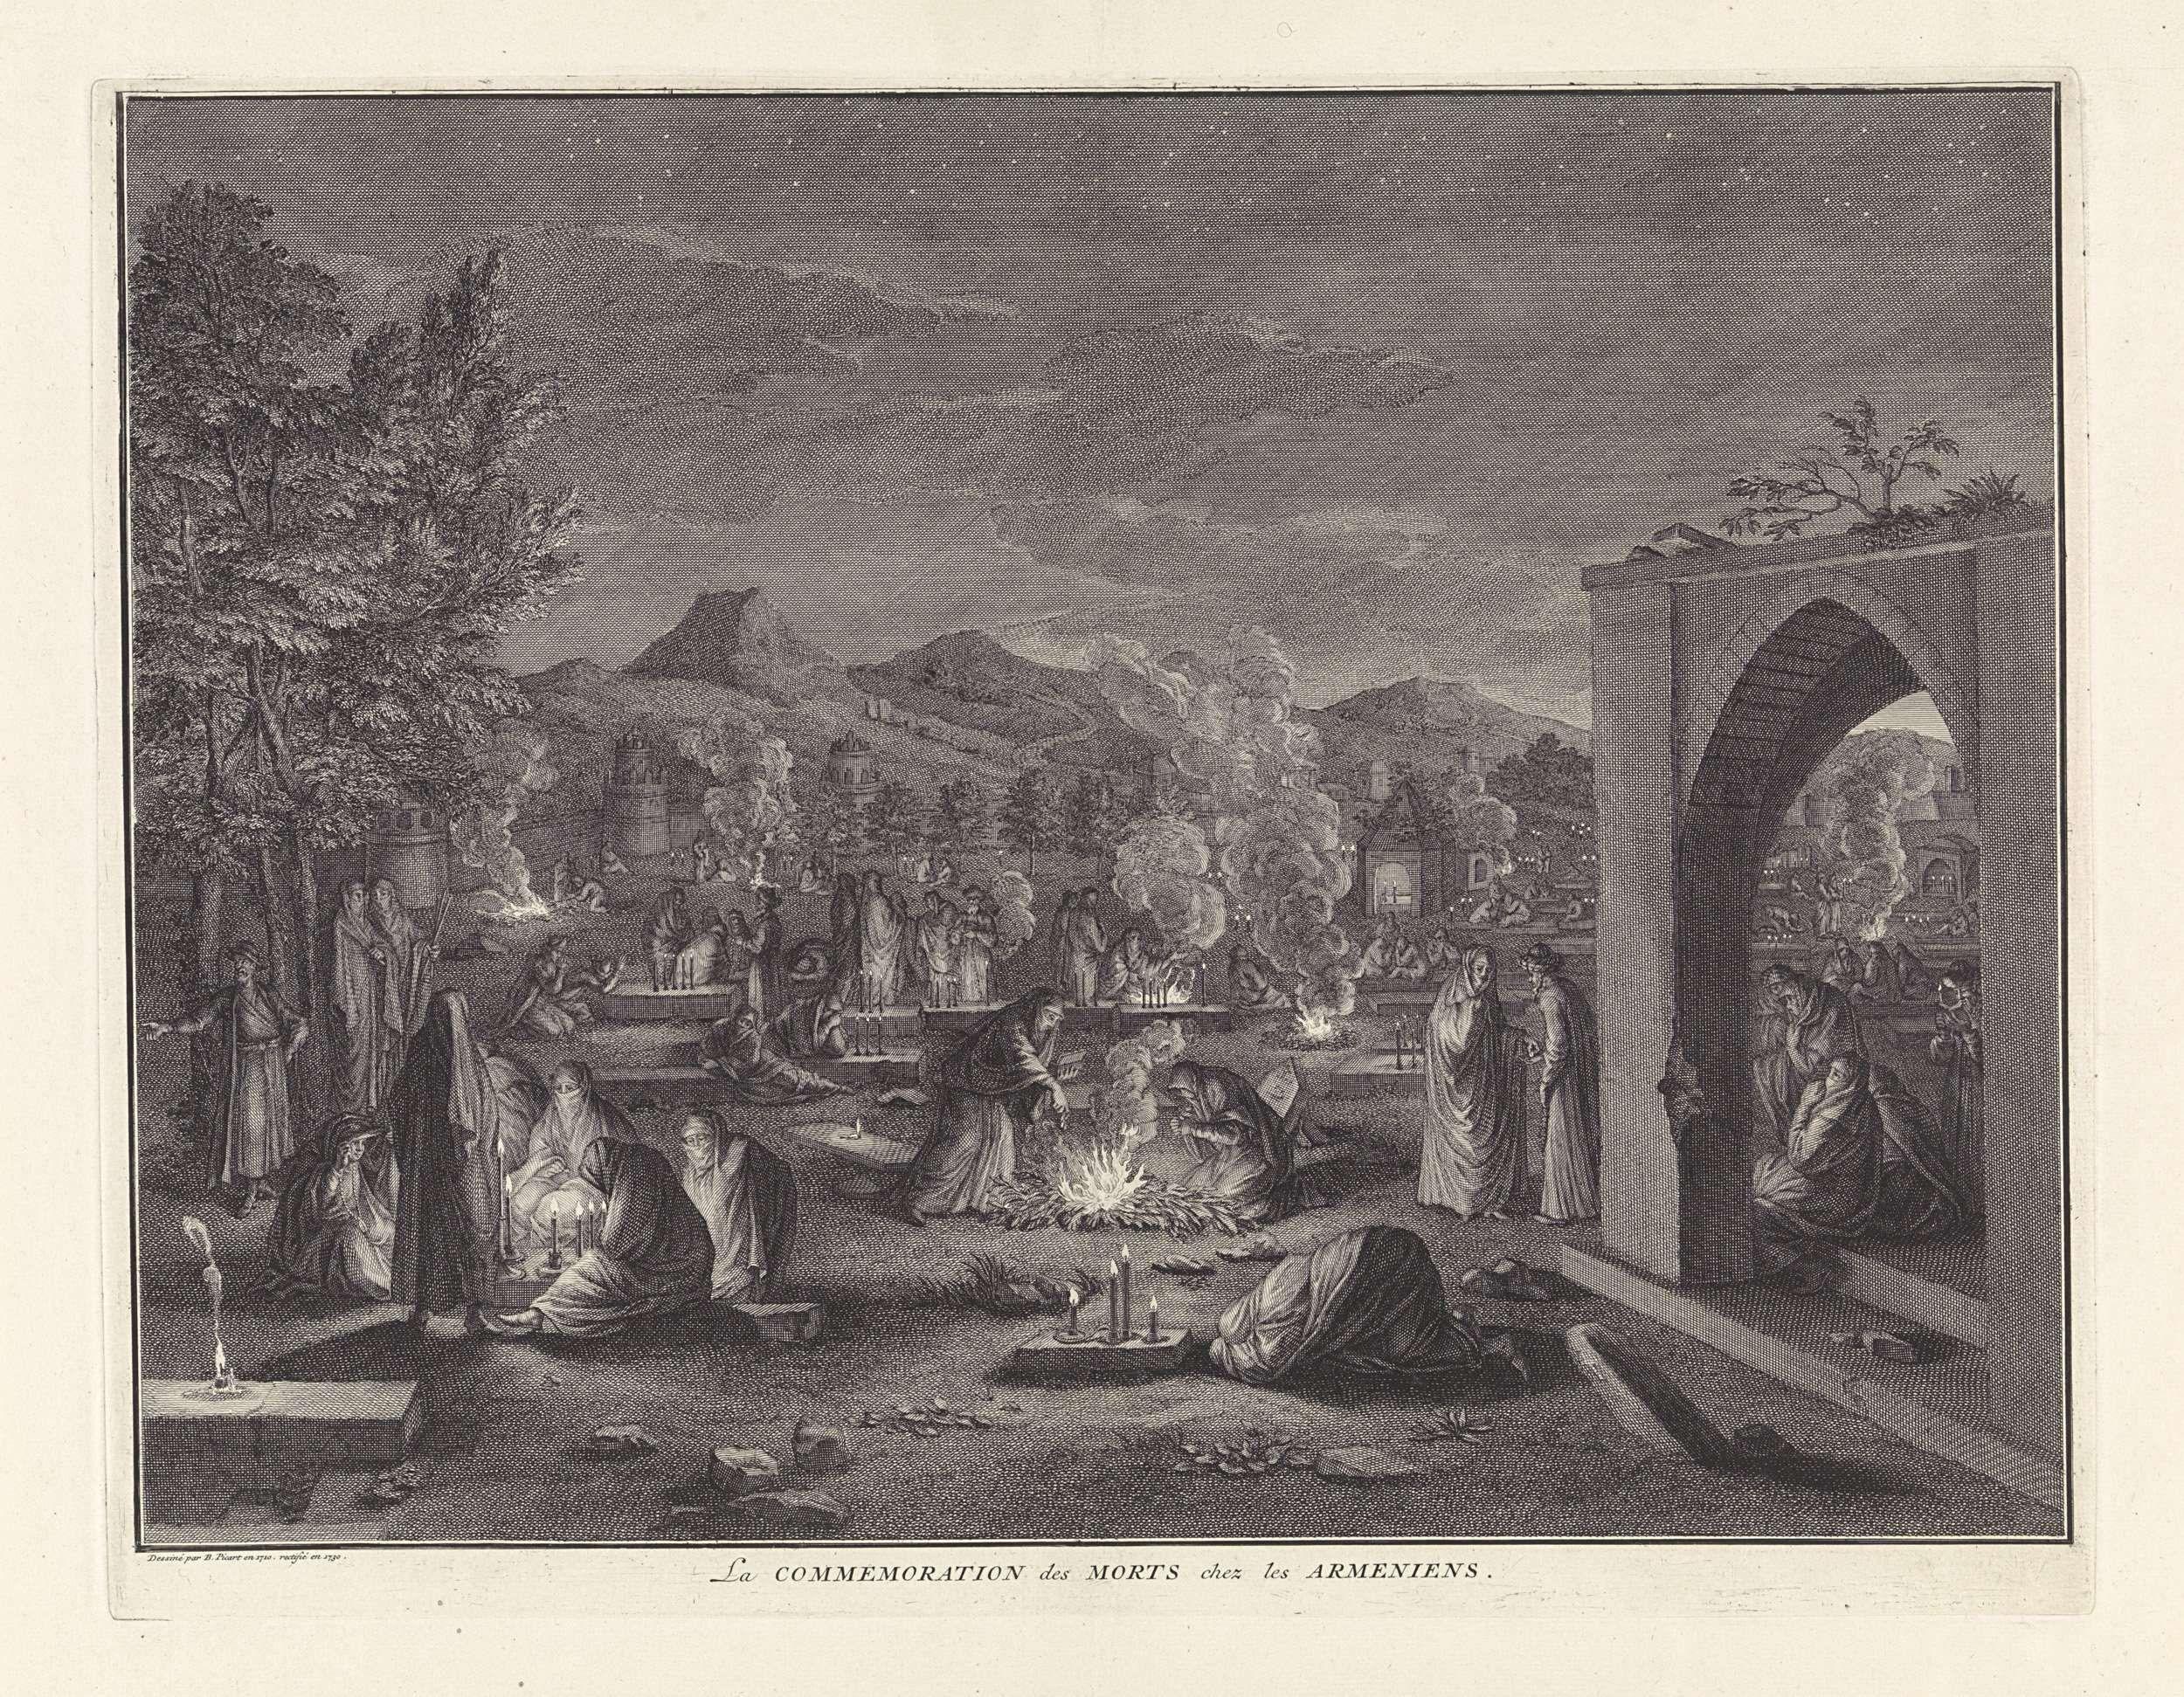 anoniem   Dodenherdenking bij de Armeense christenen, workshop of Bernard Picart, 1710 - 1730   Op de dag dat de Armeense Christenen het kruisfeest vieren, eind augustus, gaan ze 's nachts naar de begraafplaatsen om daar vuren aan te steken en te weeklagen.